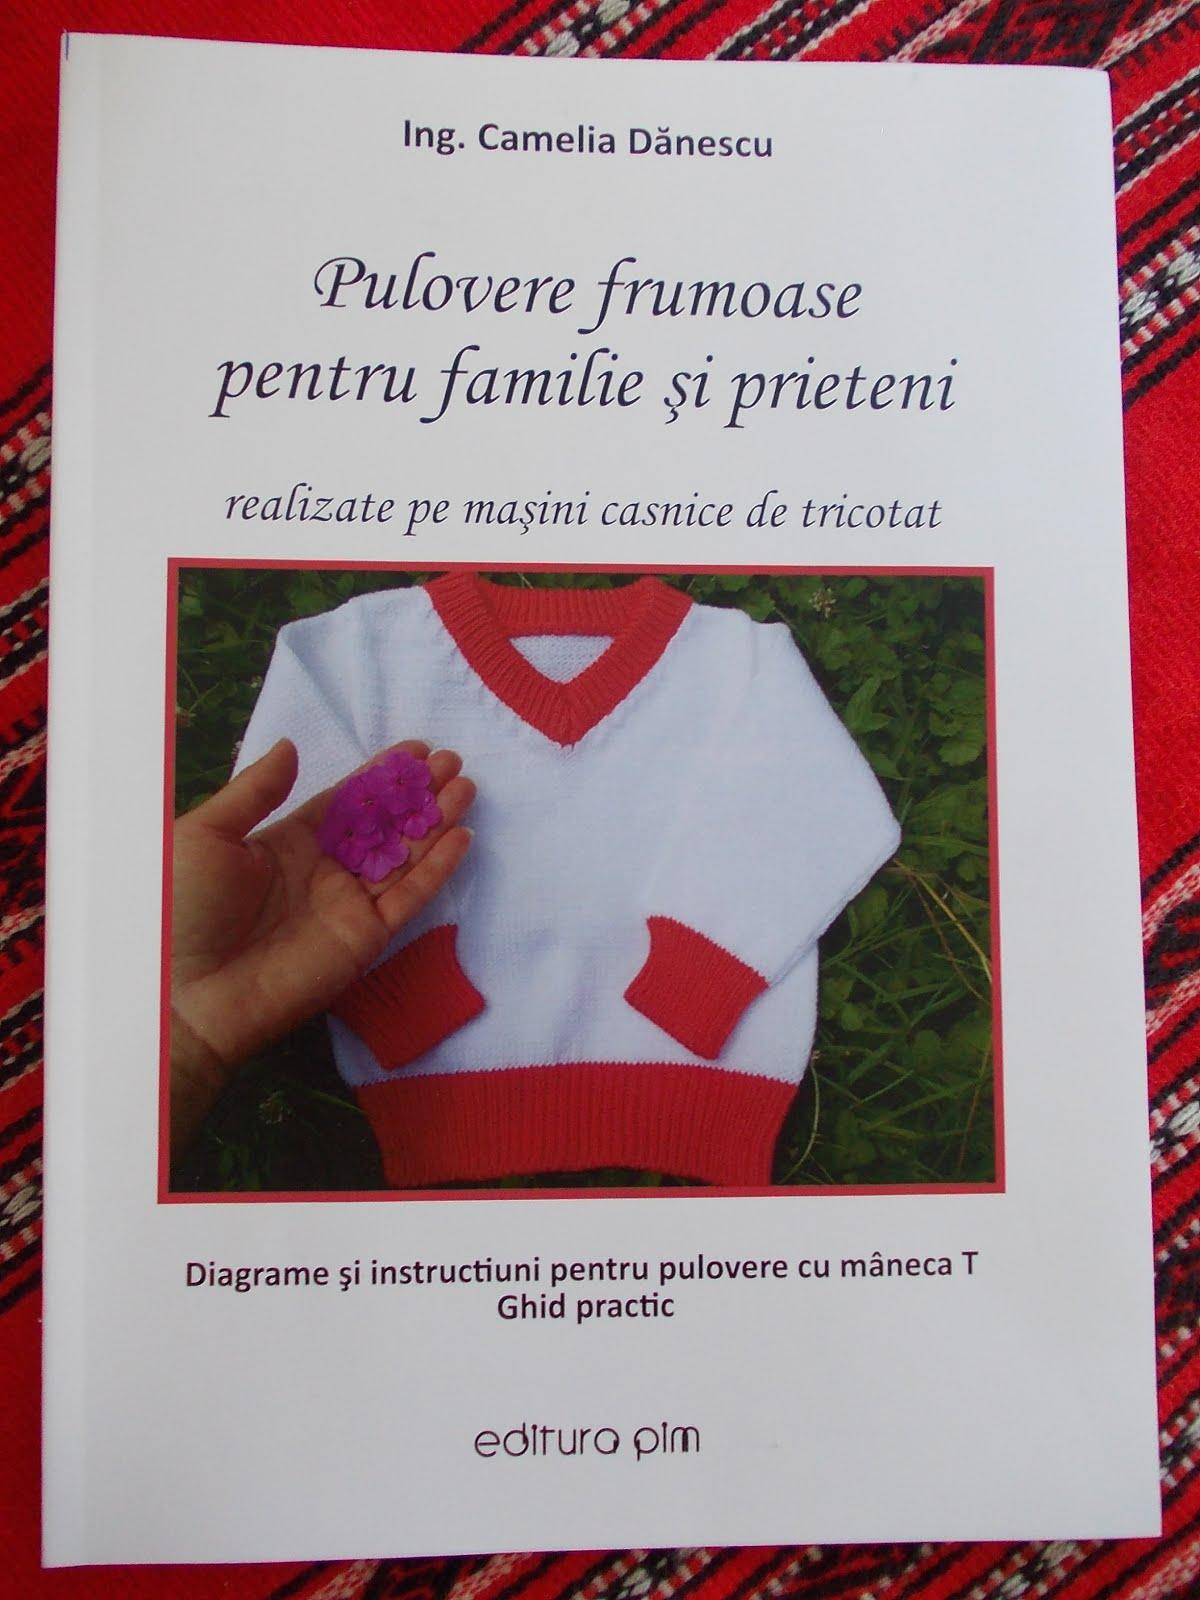 PRIMA CARTE DIN ROMANIA destinata special lucrului pe masini casnice de tricotat